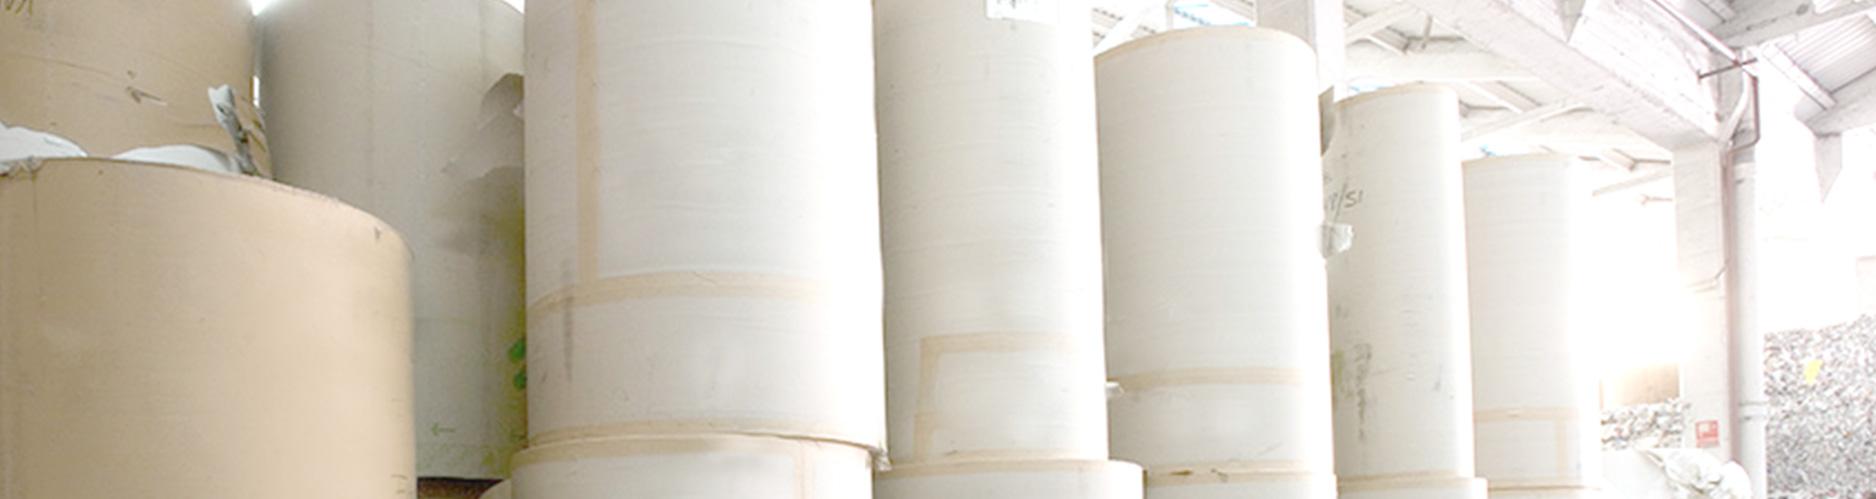 rua papel producto papel nuevo rollos slide escritorio